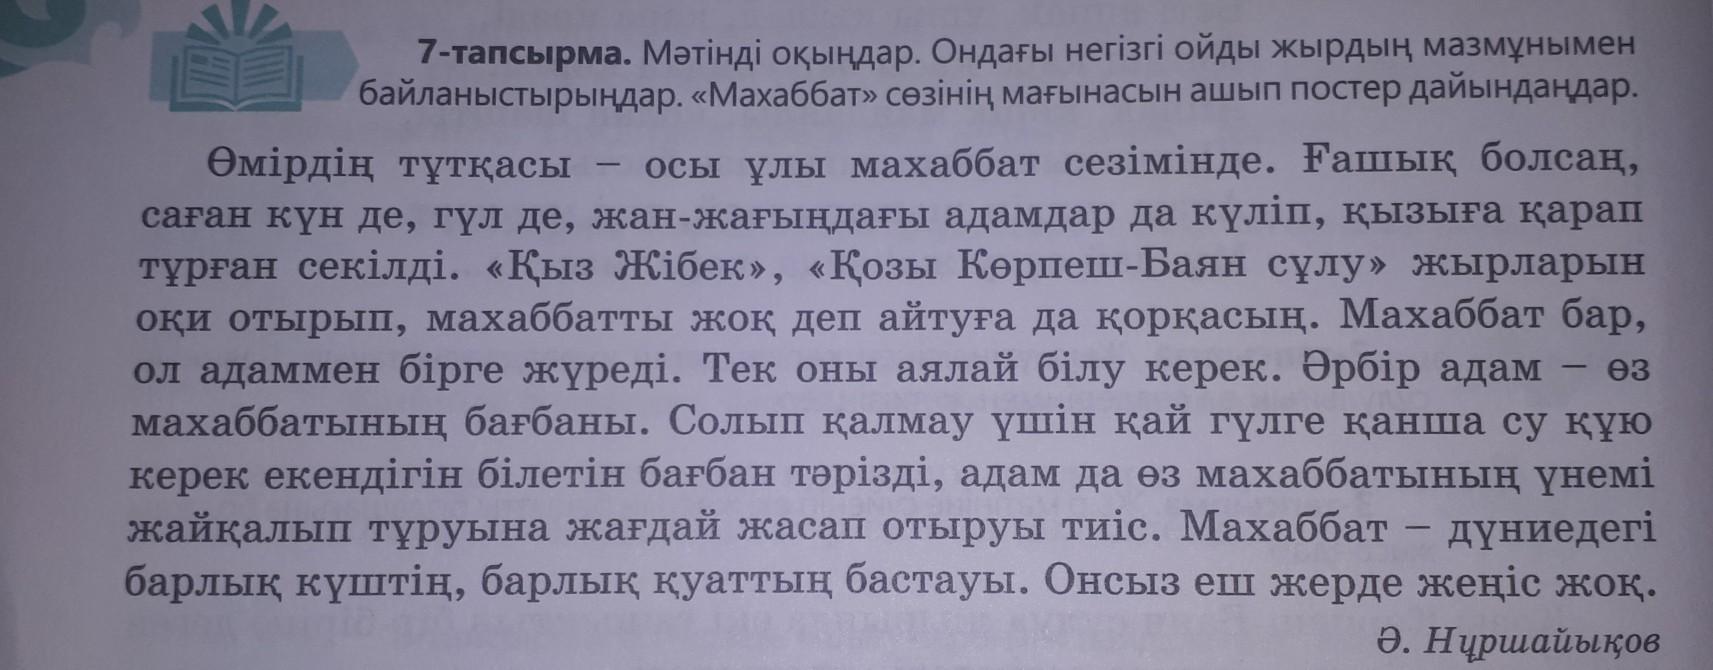 Помогите перевести казахский